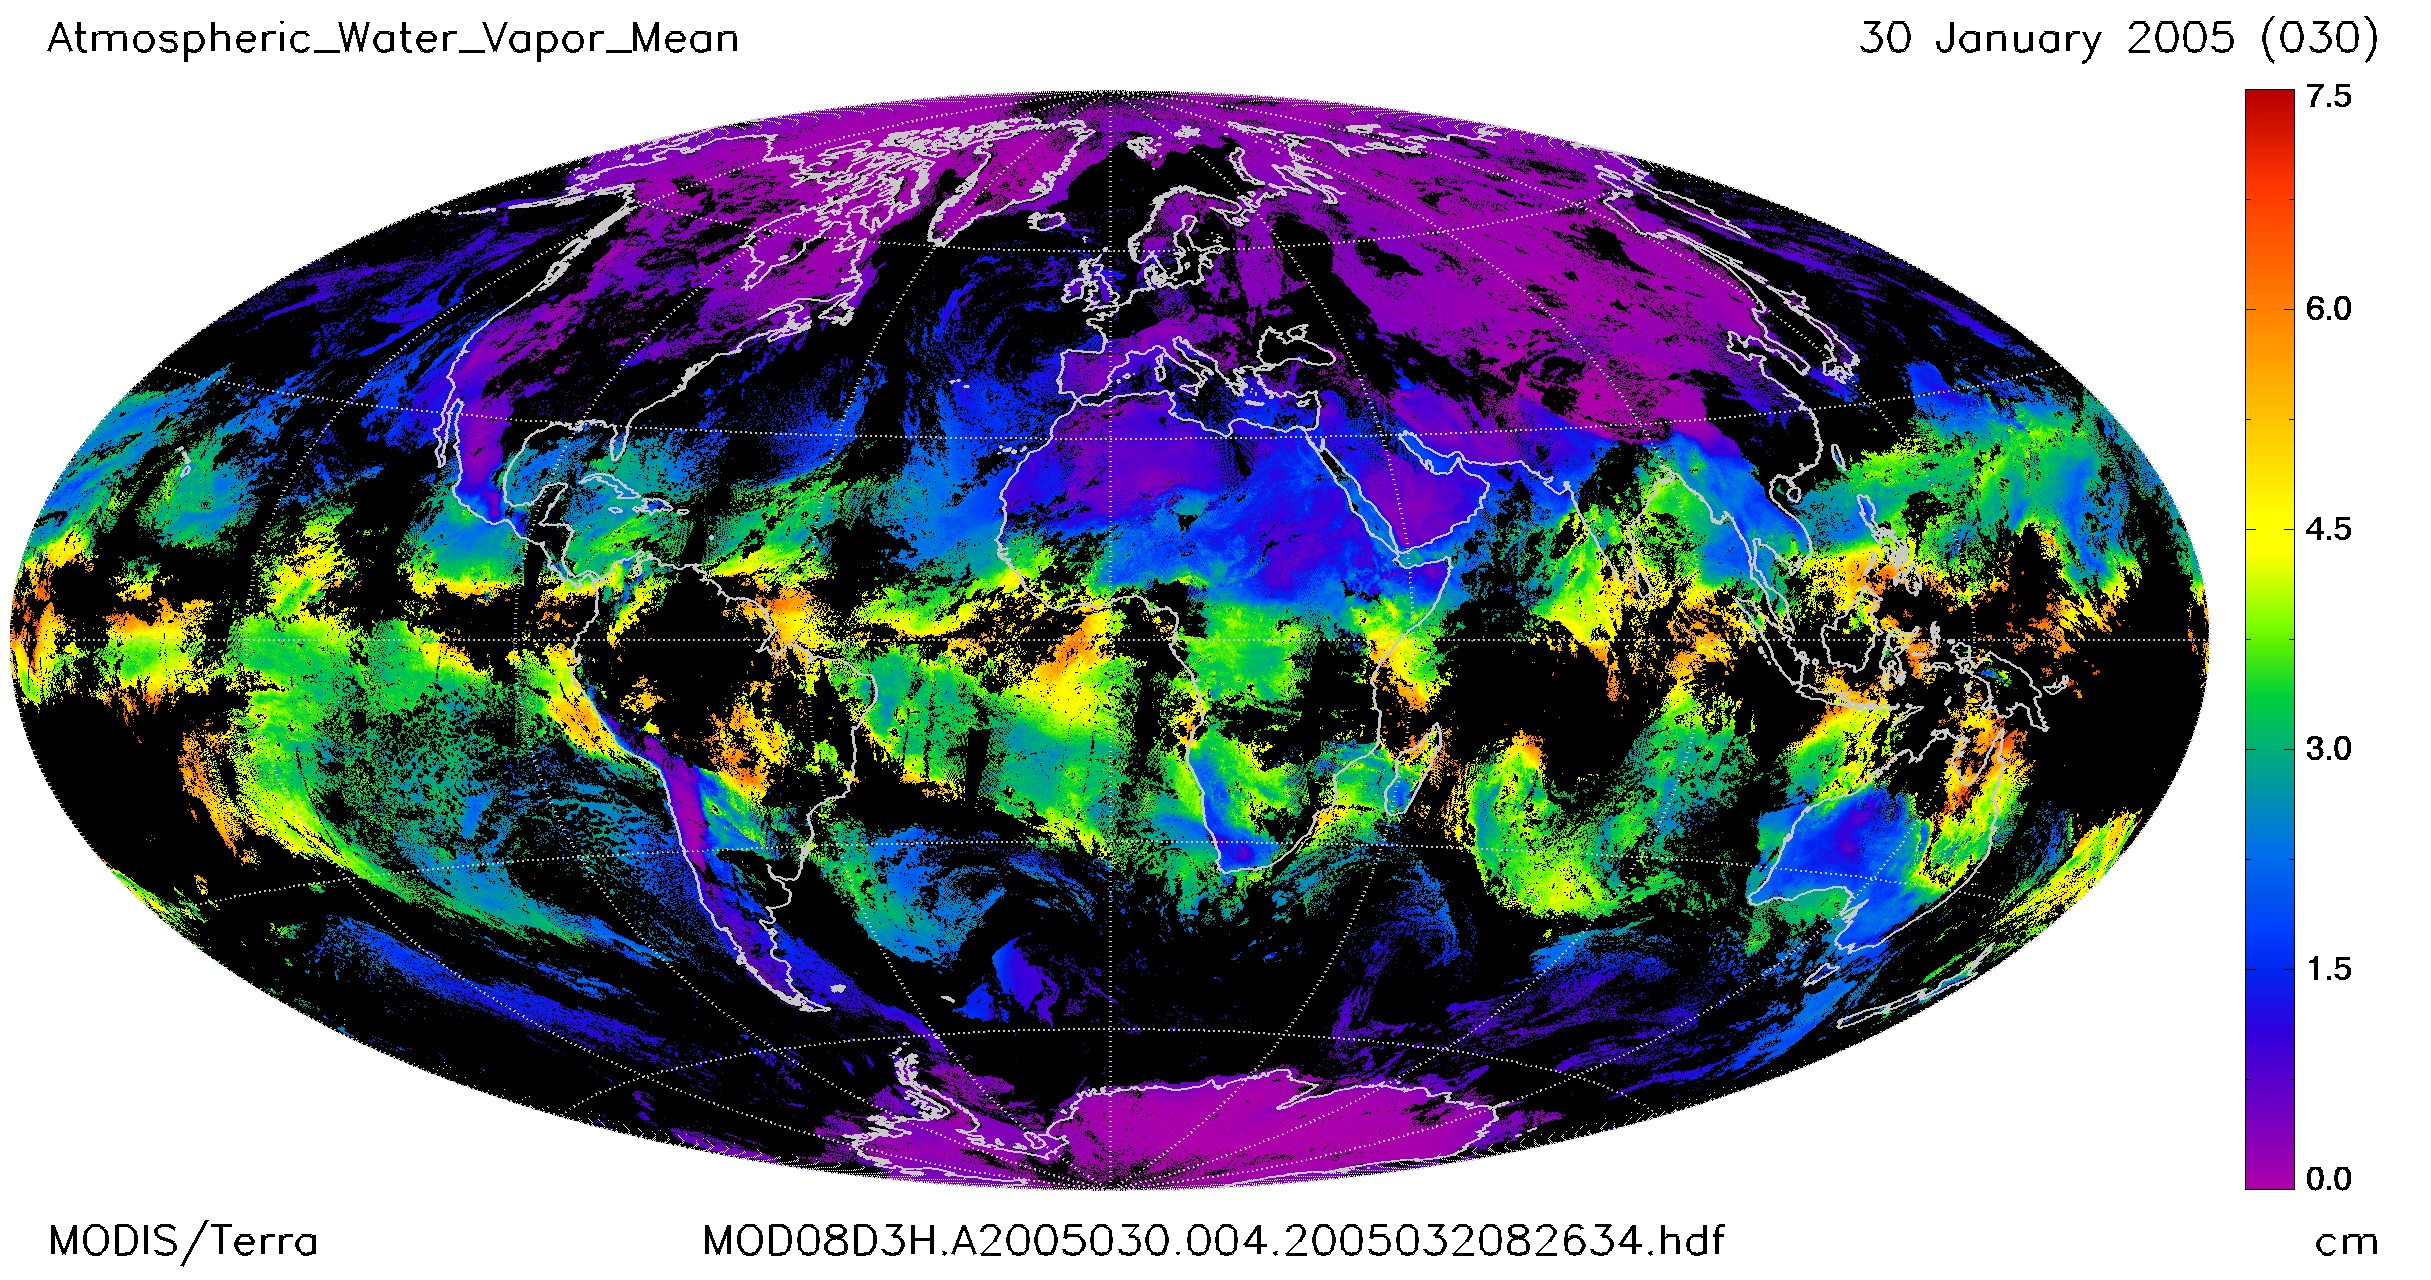 Atmospheric_Water_Vapor_Mean.2005.030.jpg